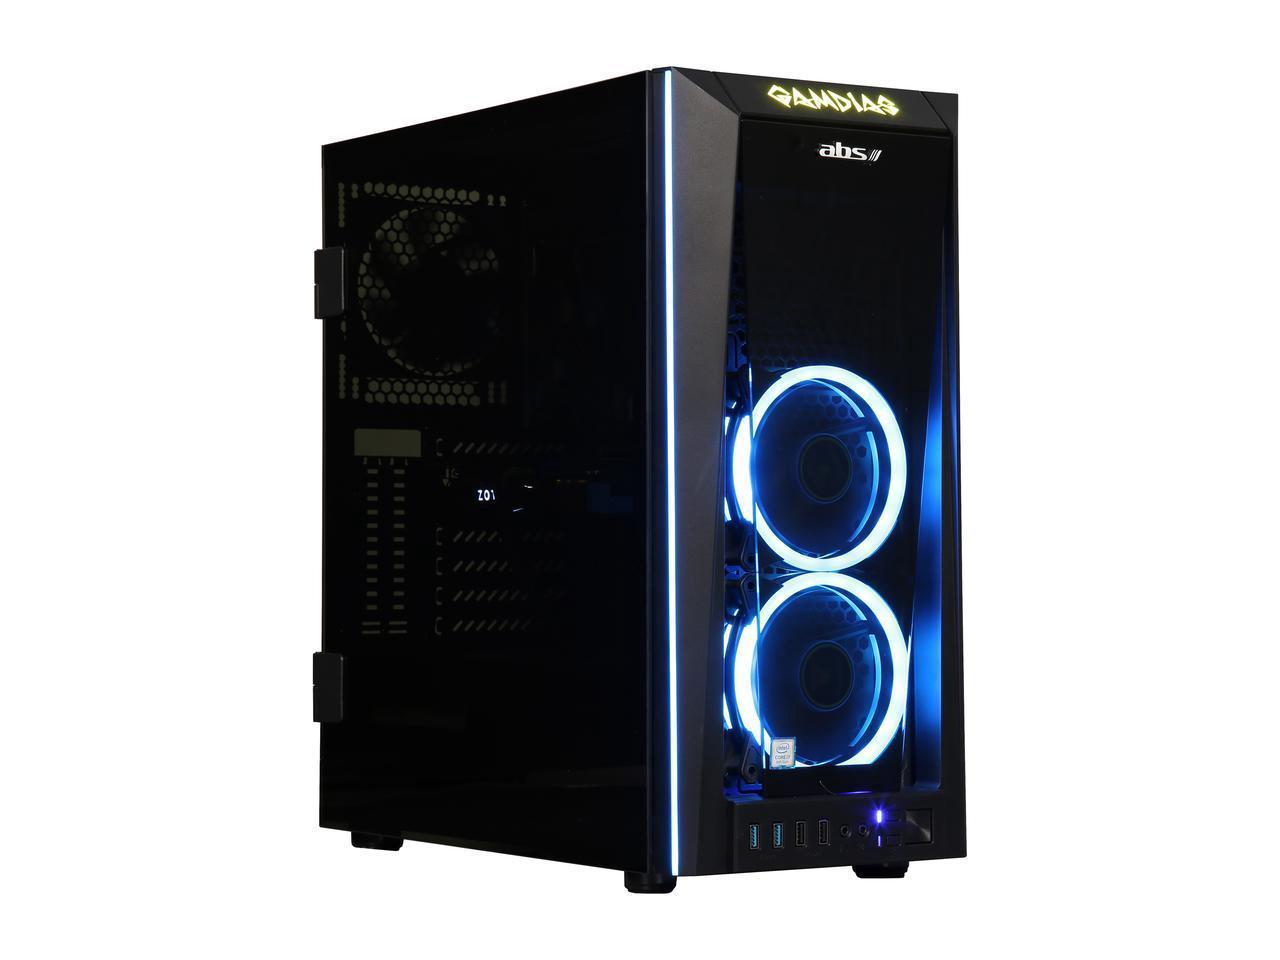 Abs Gaming Desktop PC NVIDIA GeForce GTX 1070 Ti 8 GB Intel Core i7-8700 (3.20 GHz) 6-Core 16 GB DDR4 240 GB SSD 1 TB HDD Windows 10 Home 64-Bit ALI249 $1050